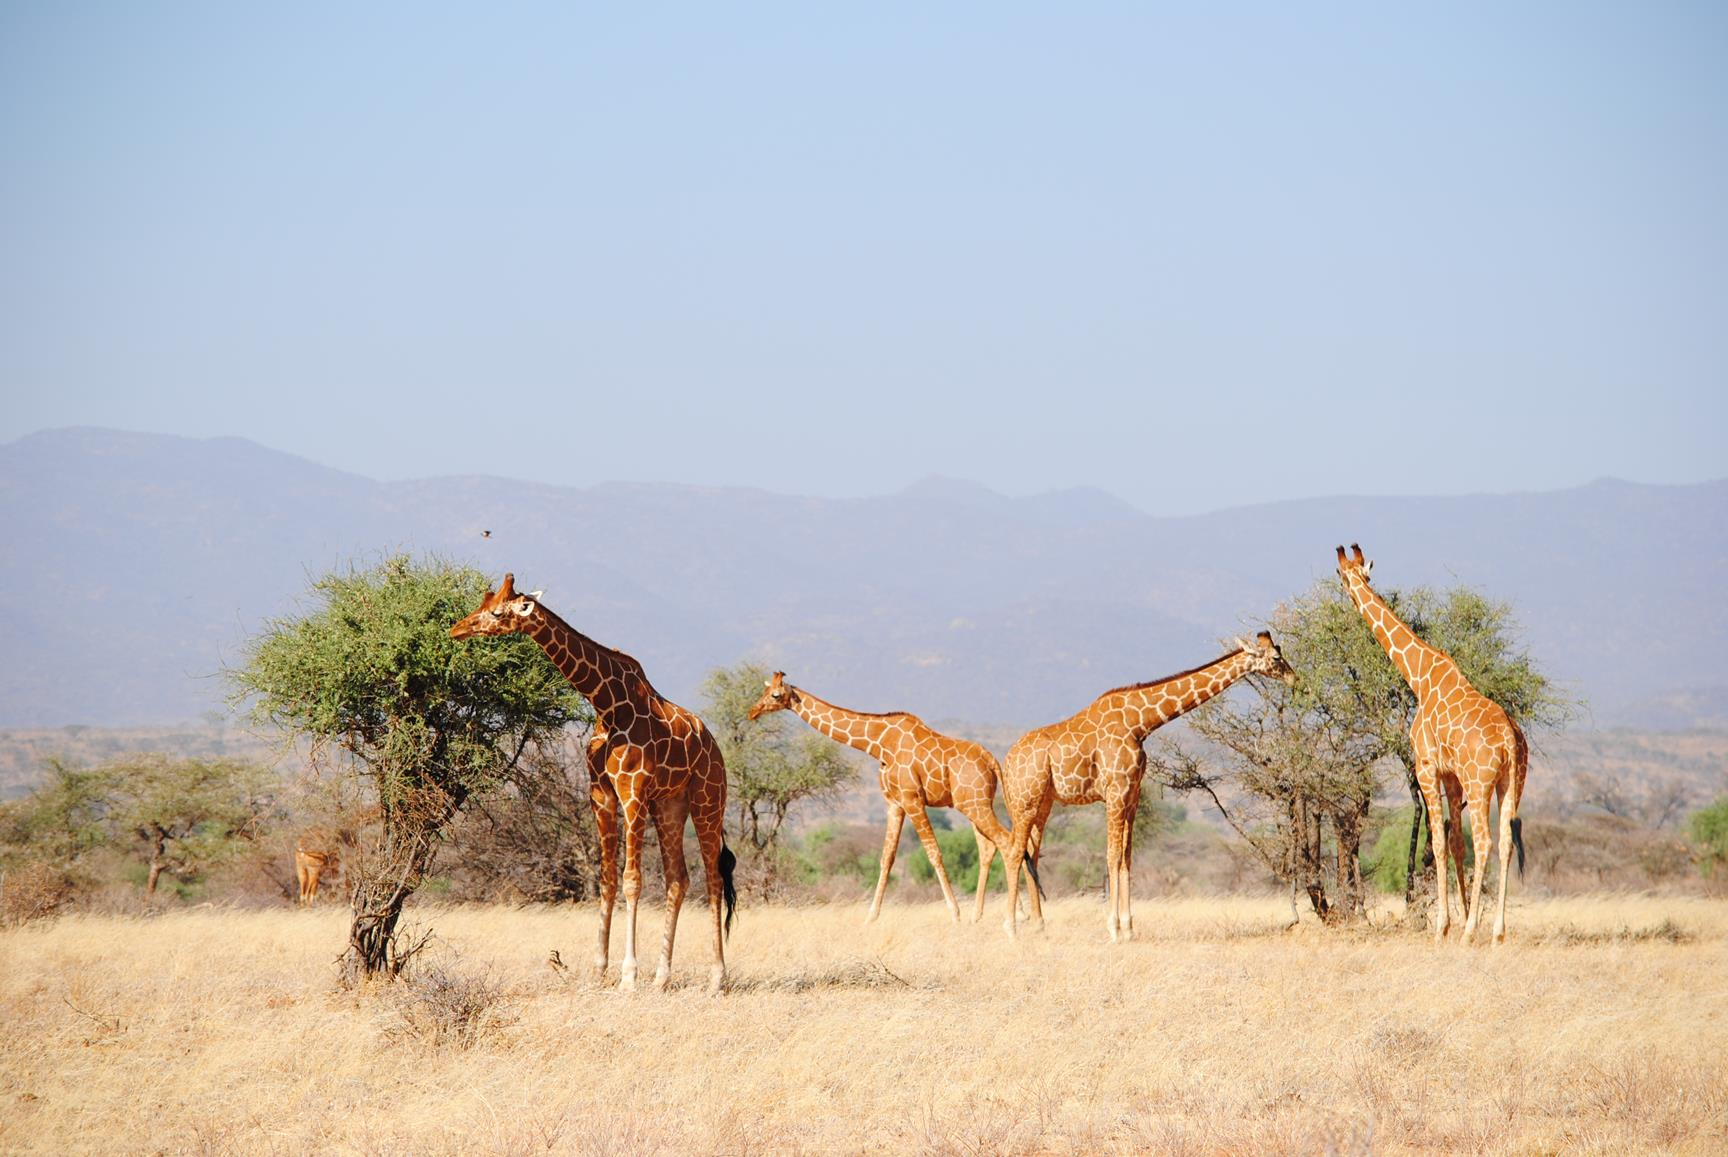 jirafa-samburu-kenya-1